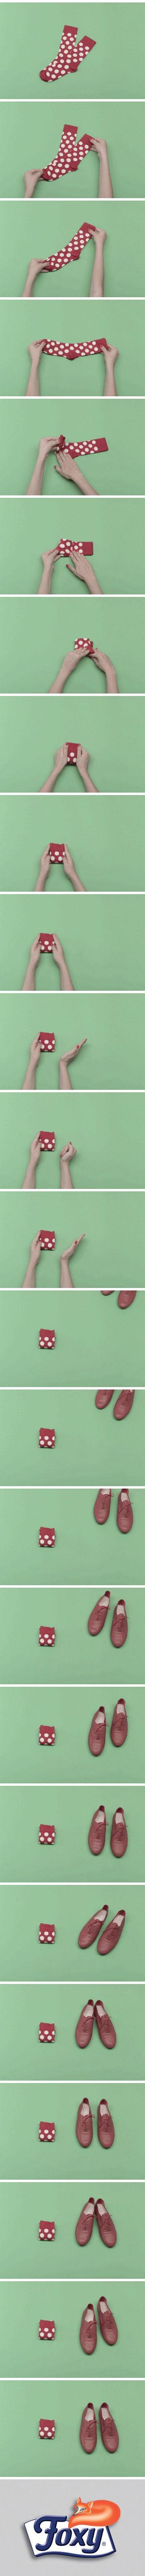 Il vero mistero della vita è: perché perdiamo sempre uno dei due calzini?   La soluzione forse però esiste!   Scopri tutti i segreti per organizzare al meglio gli spazi nel tuo guardaroba su: http://www.foxymega.it/minimize/impara-tecnica-di-piega.php?id=Calzini  #foxy #minimize #ordine #spazio #calzini